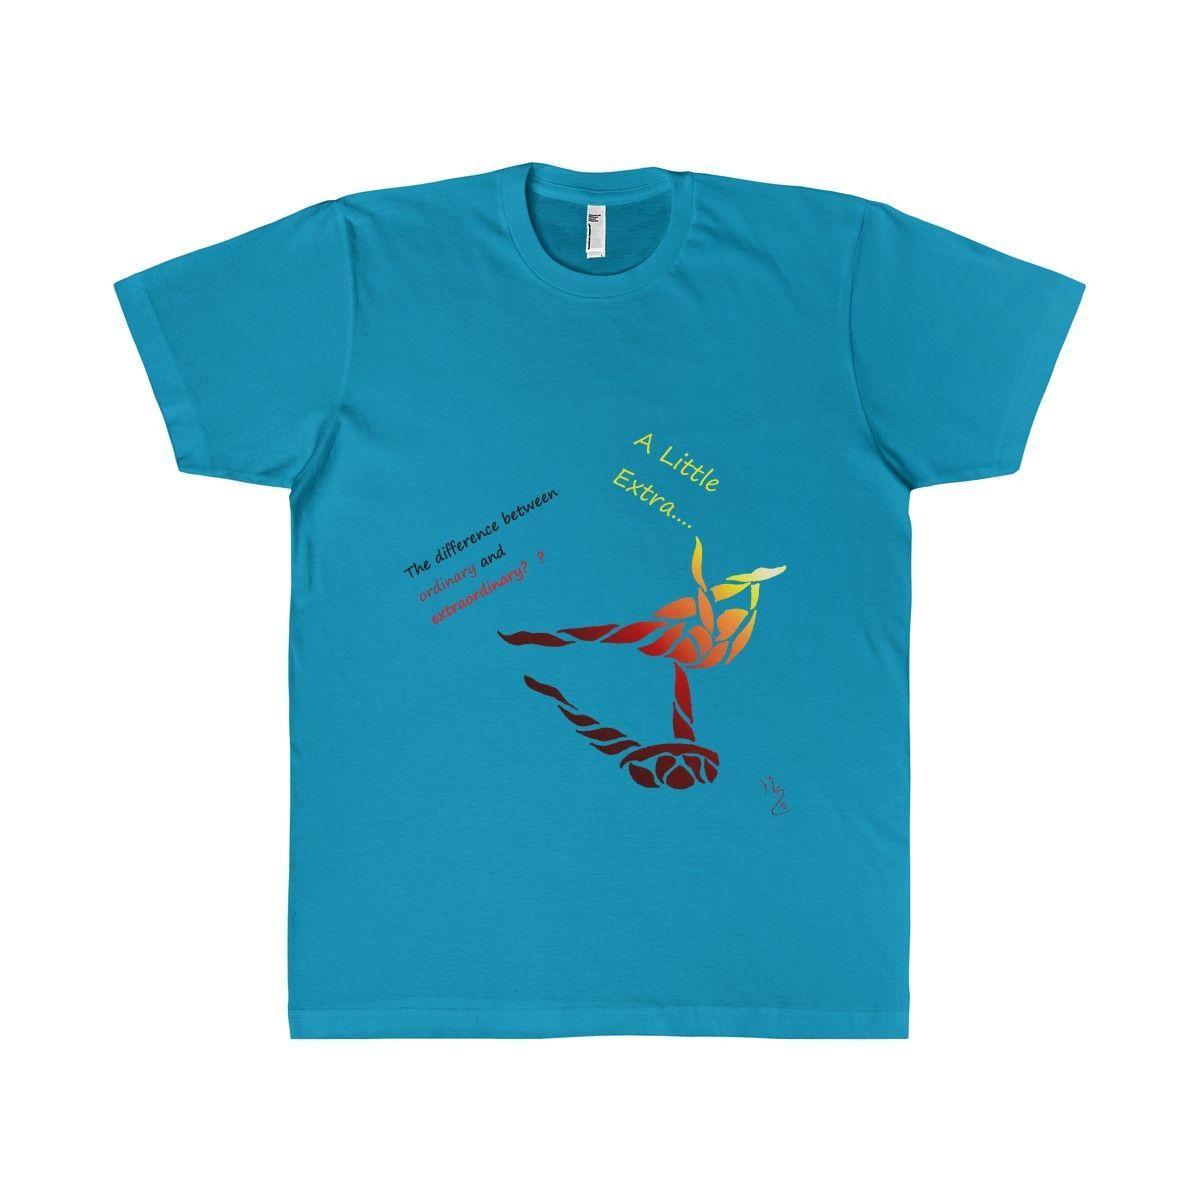 A Little Extra Unisex T-Shirt